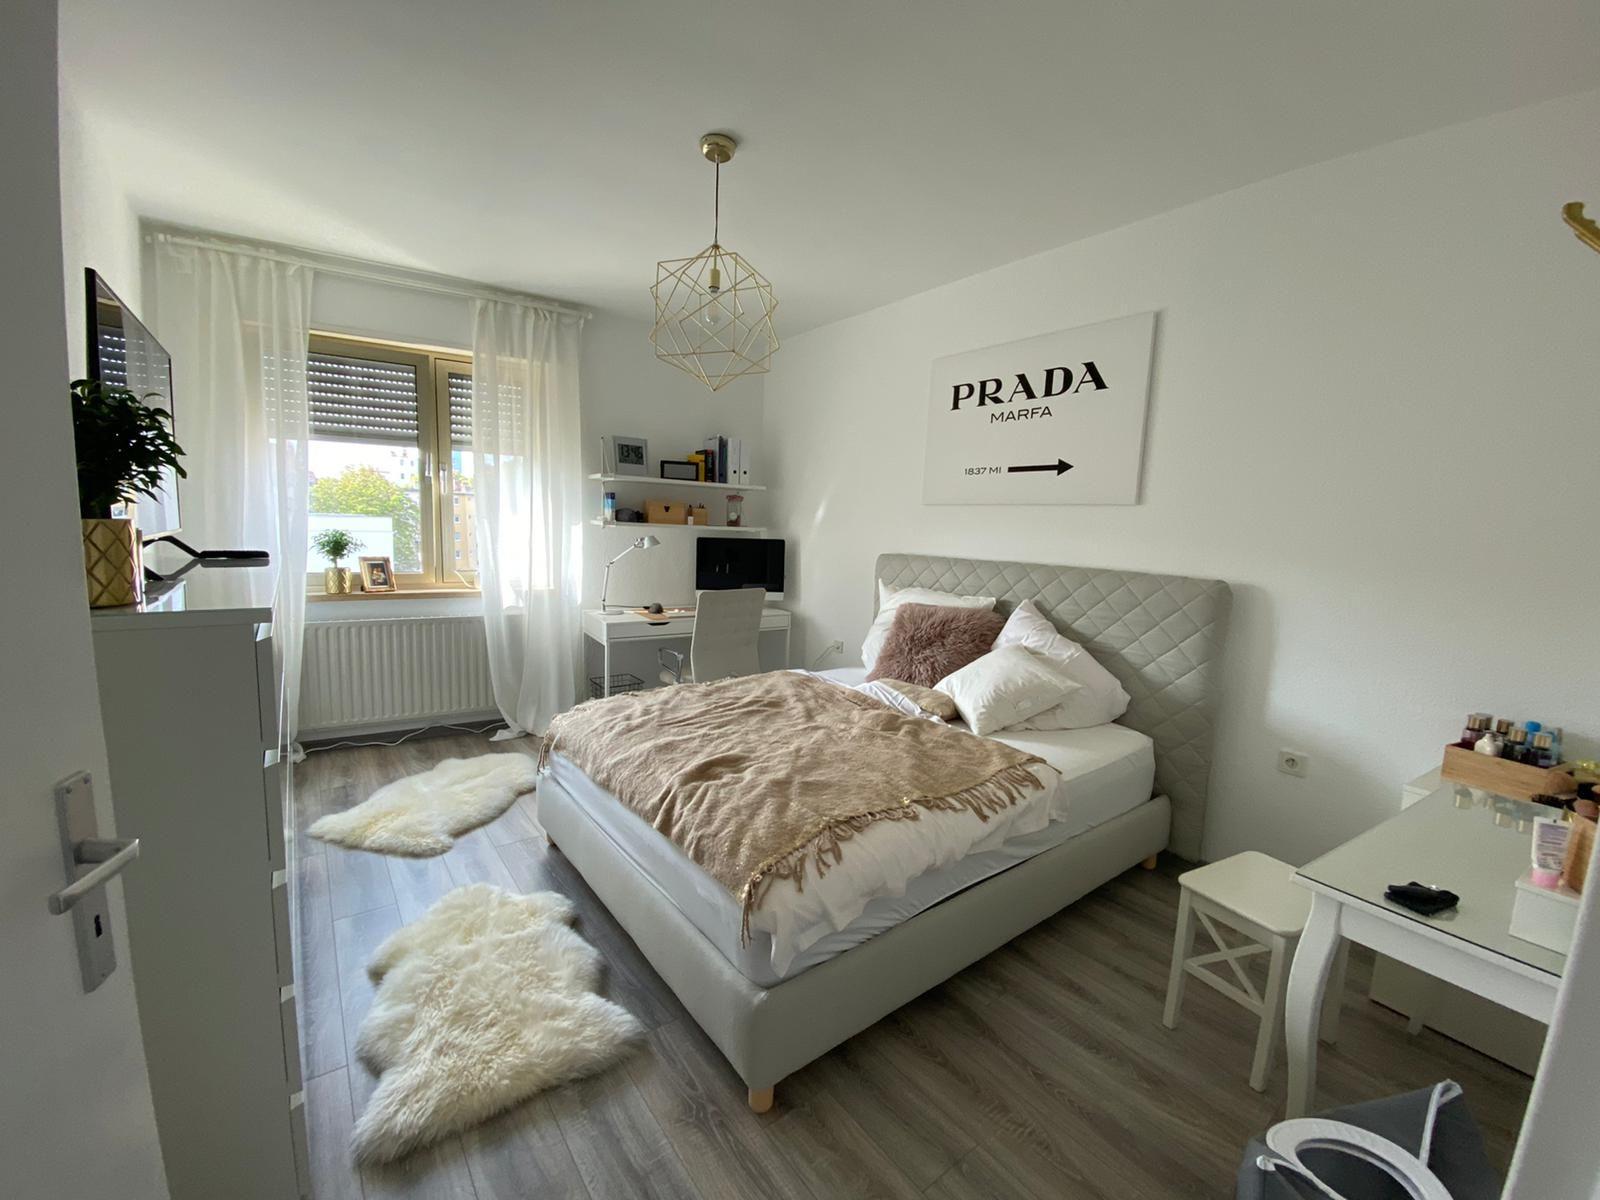 Modernes Und Stilvolles Schlafzimmer Haus Wg Zimmer Stilvolles Schlafzimmer